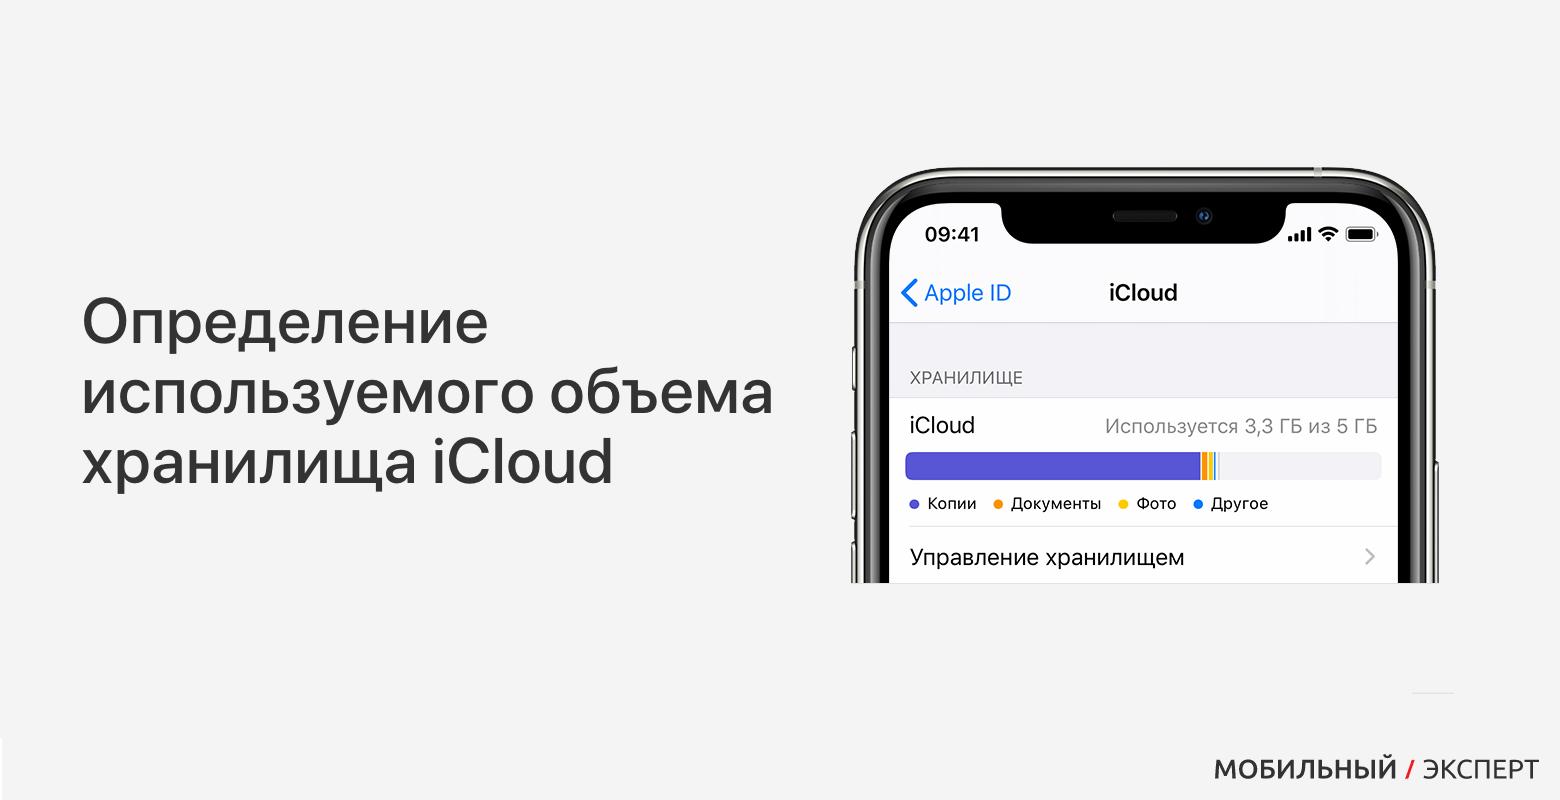 Опция удалённой очистки данных с айфона